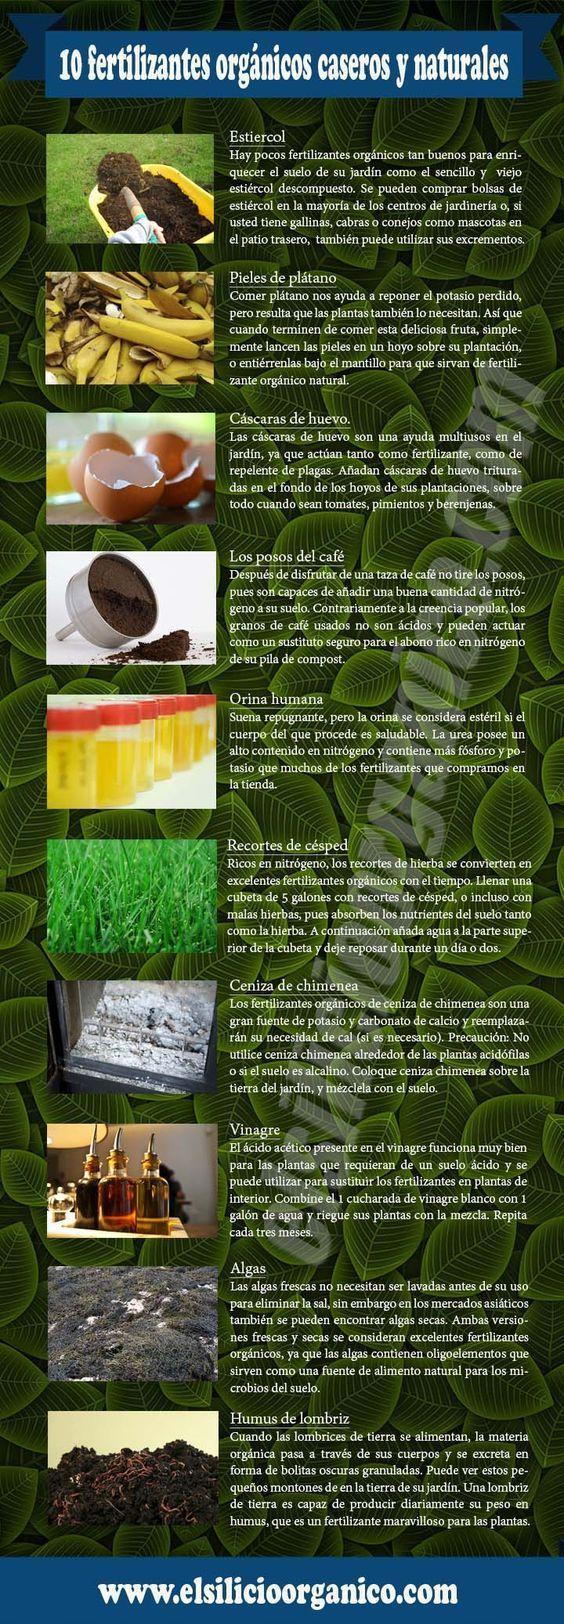 10 fertilizantes orgánicos caseros y naturales. #infografia #plantas #fertilizantes